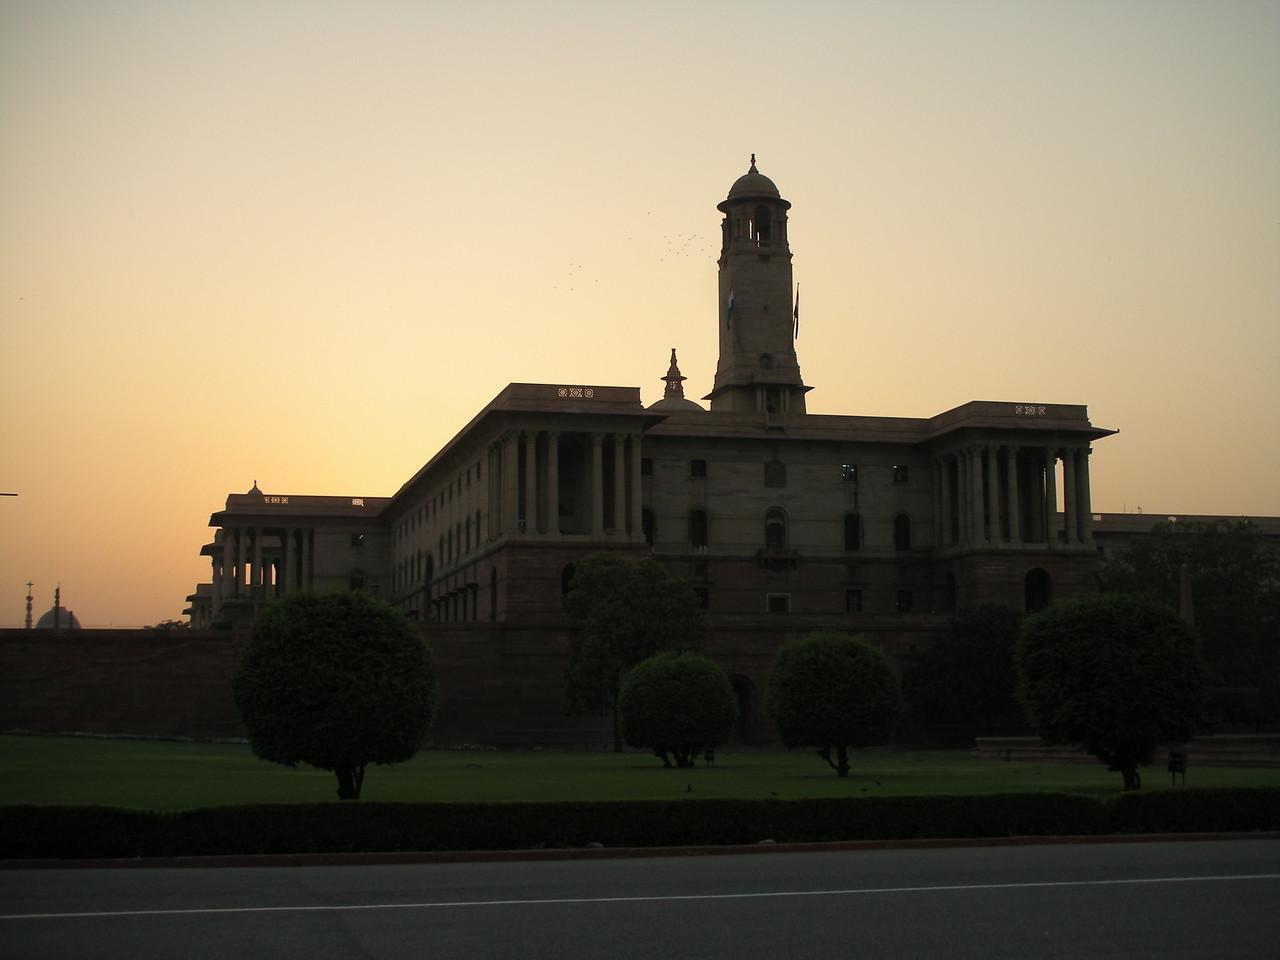 Delhi: Capitol